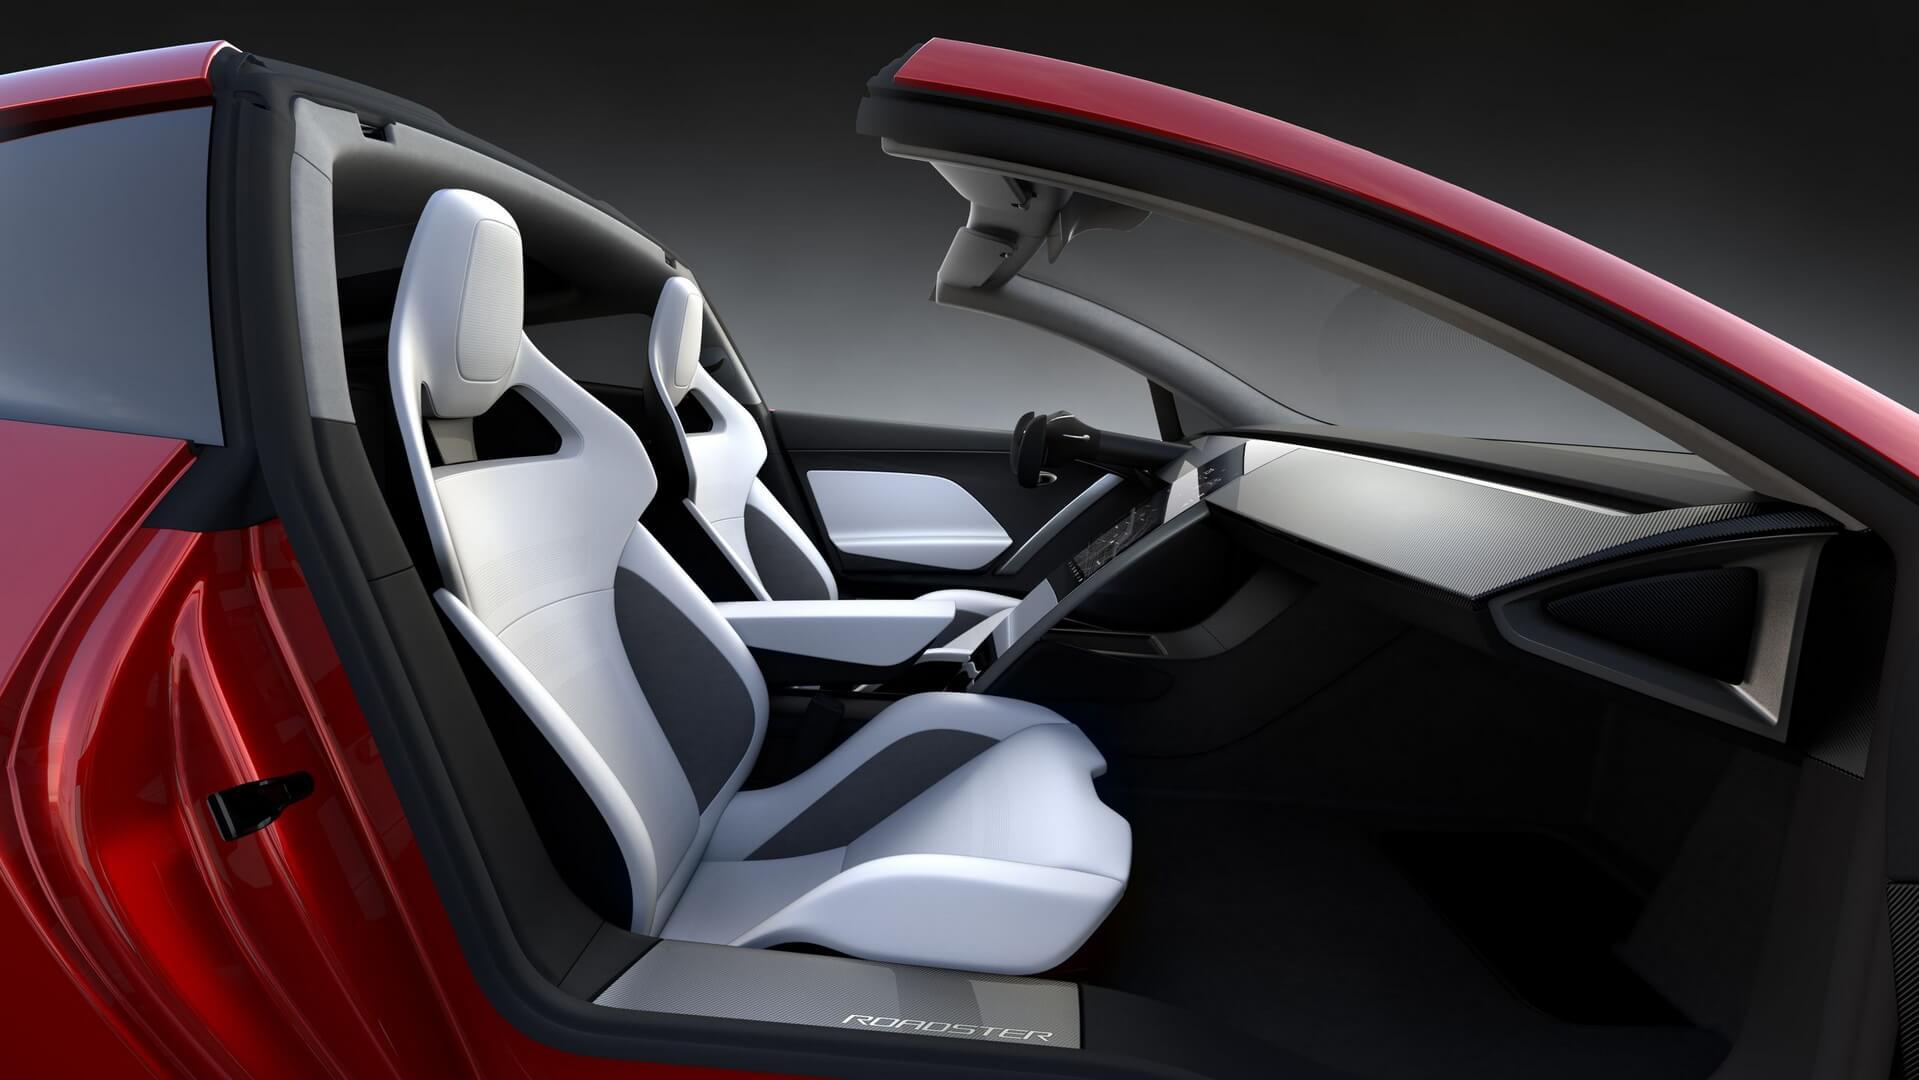 Салон спорткара Tesla Roadster нового поколения со съемной панорамной крышей